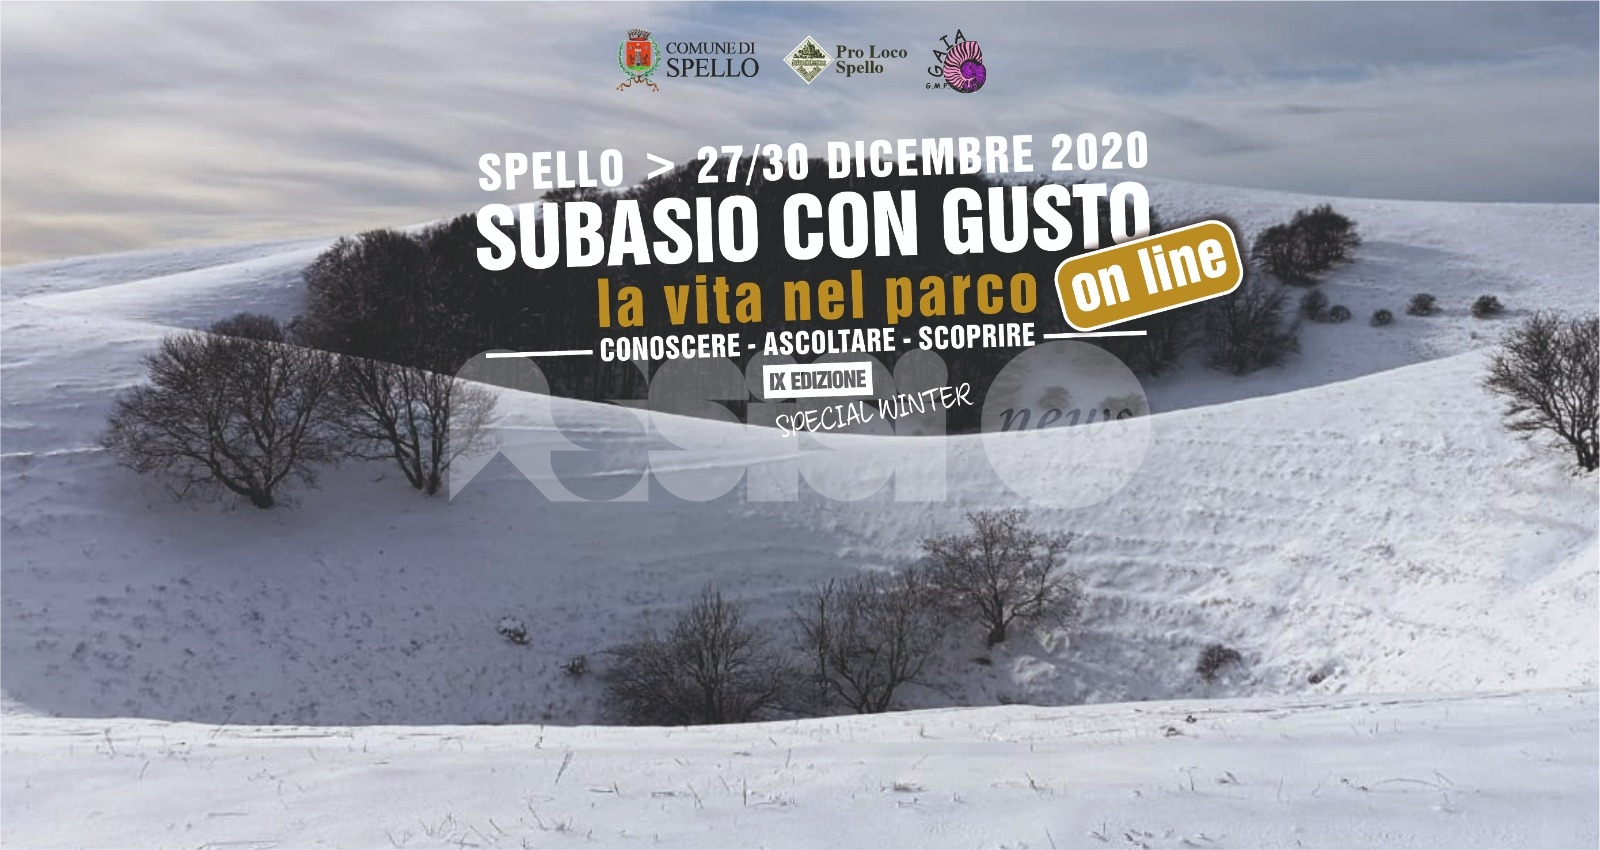 Subasio con Gusto 2020, edizione online fino a mercoledì 30 dicembre